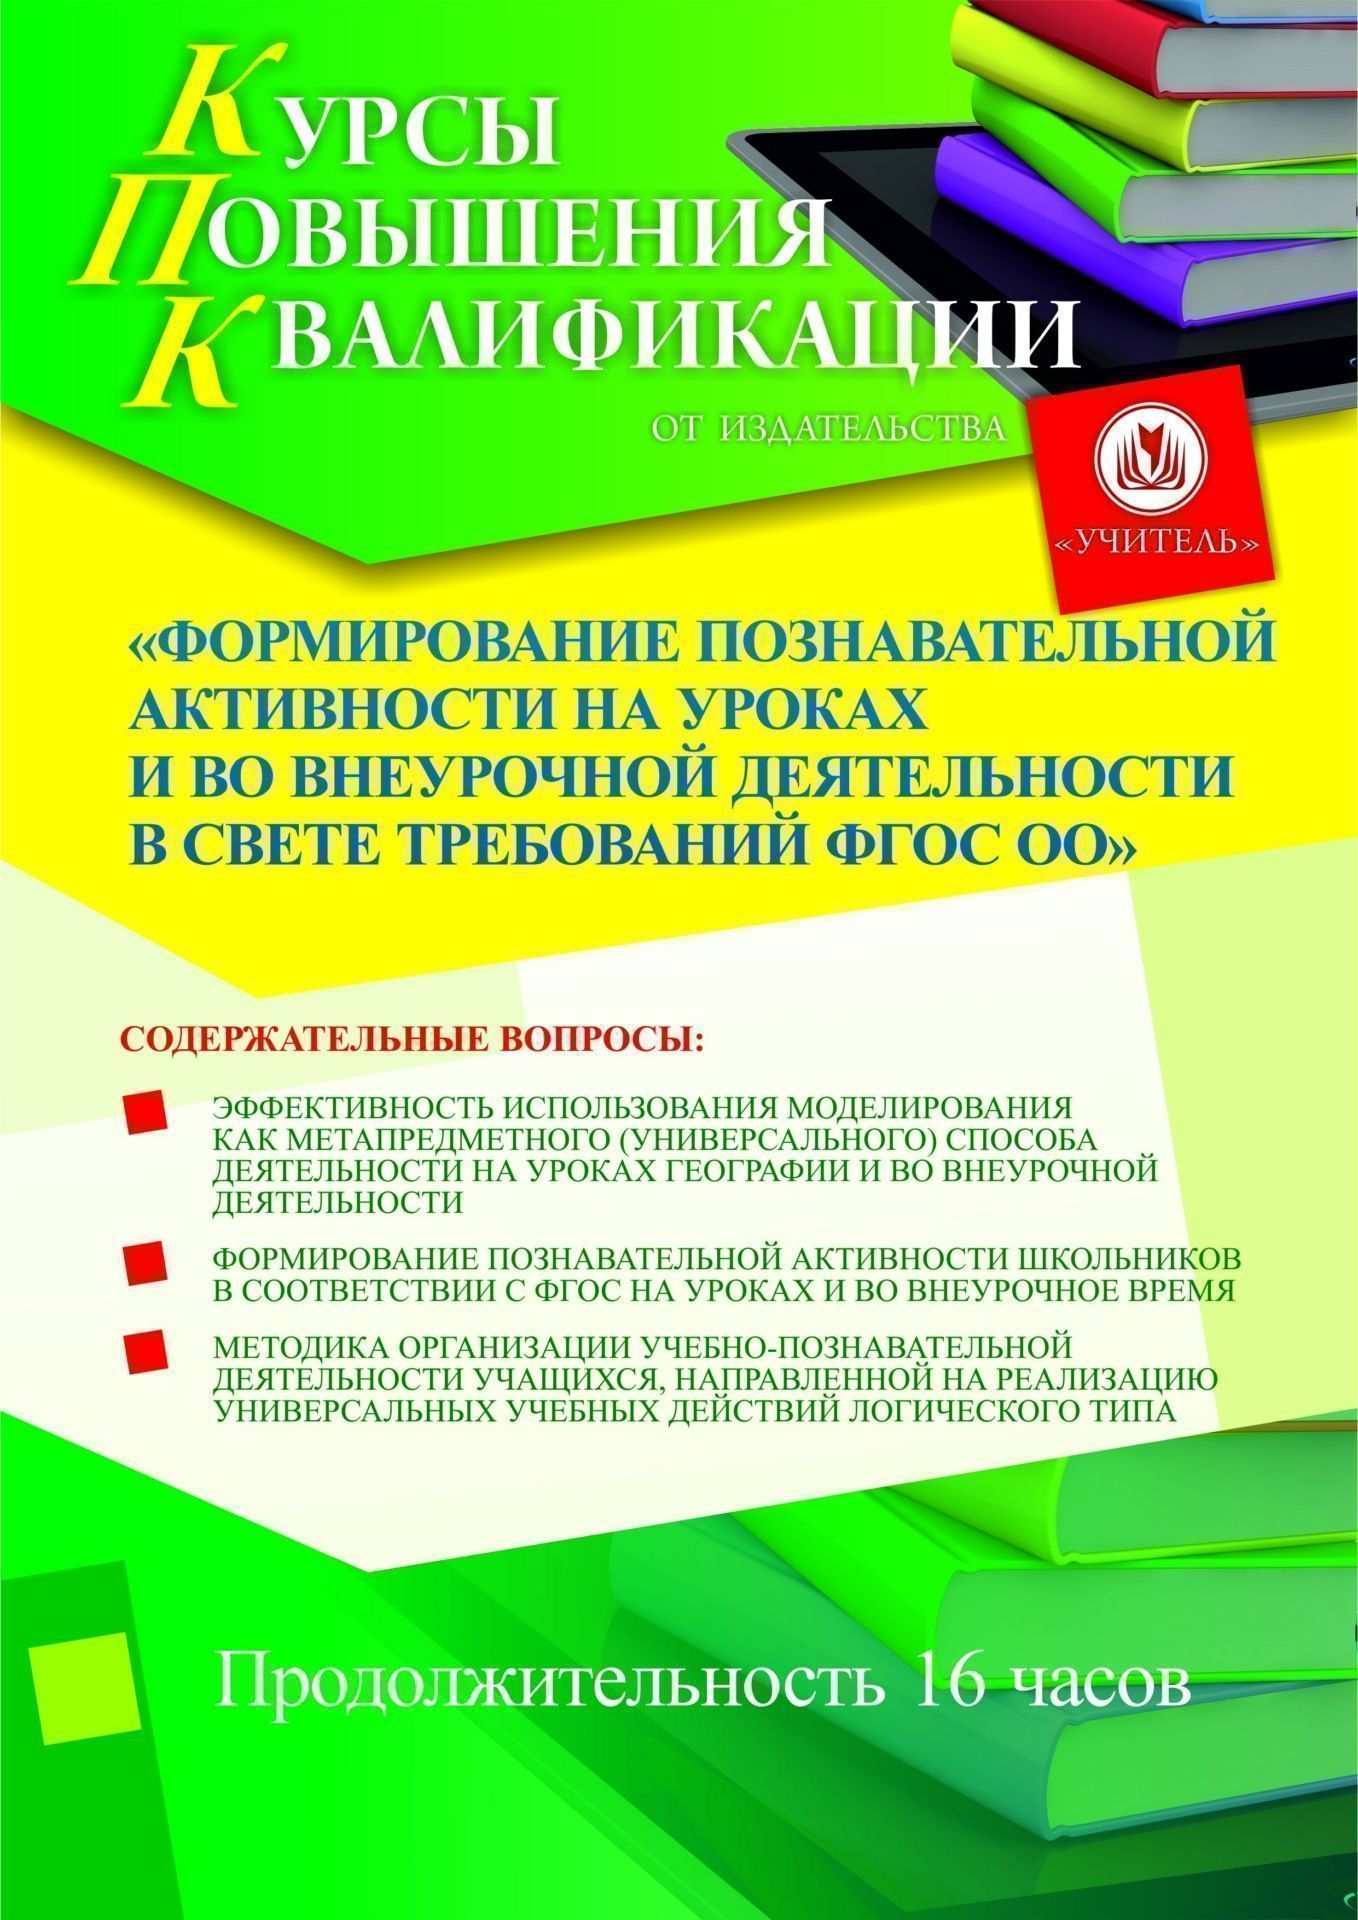 Формирование познавательной активности на уроках и во внеурочной деятельности в свете требований ФГОС ОО (16 ч.) фото